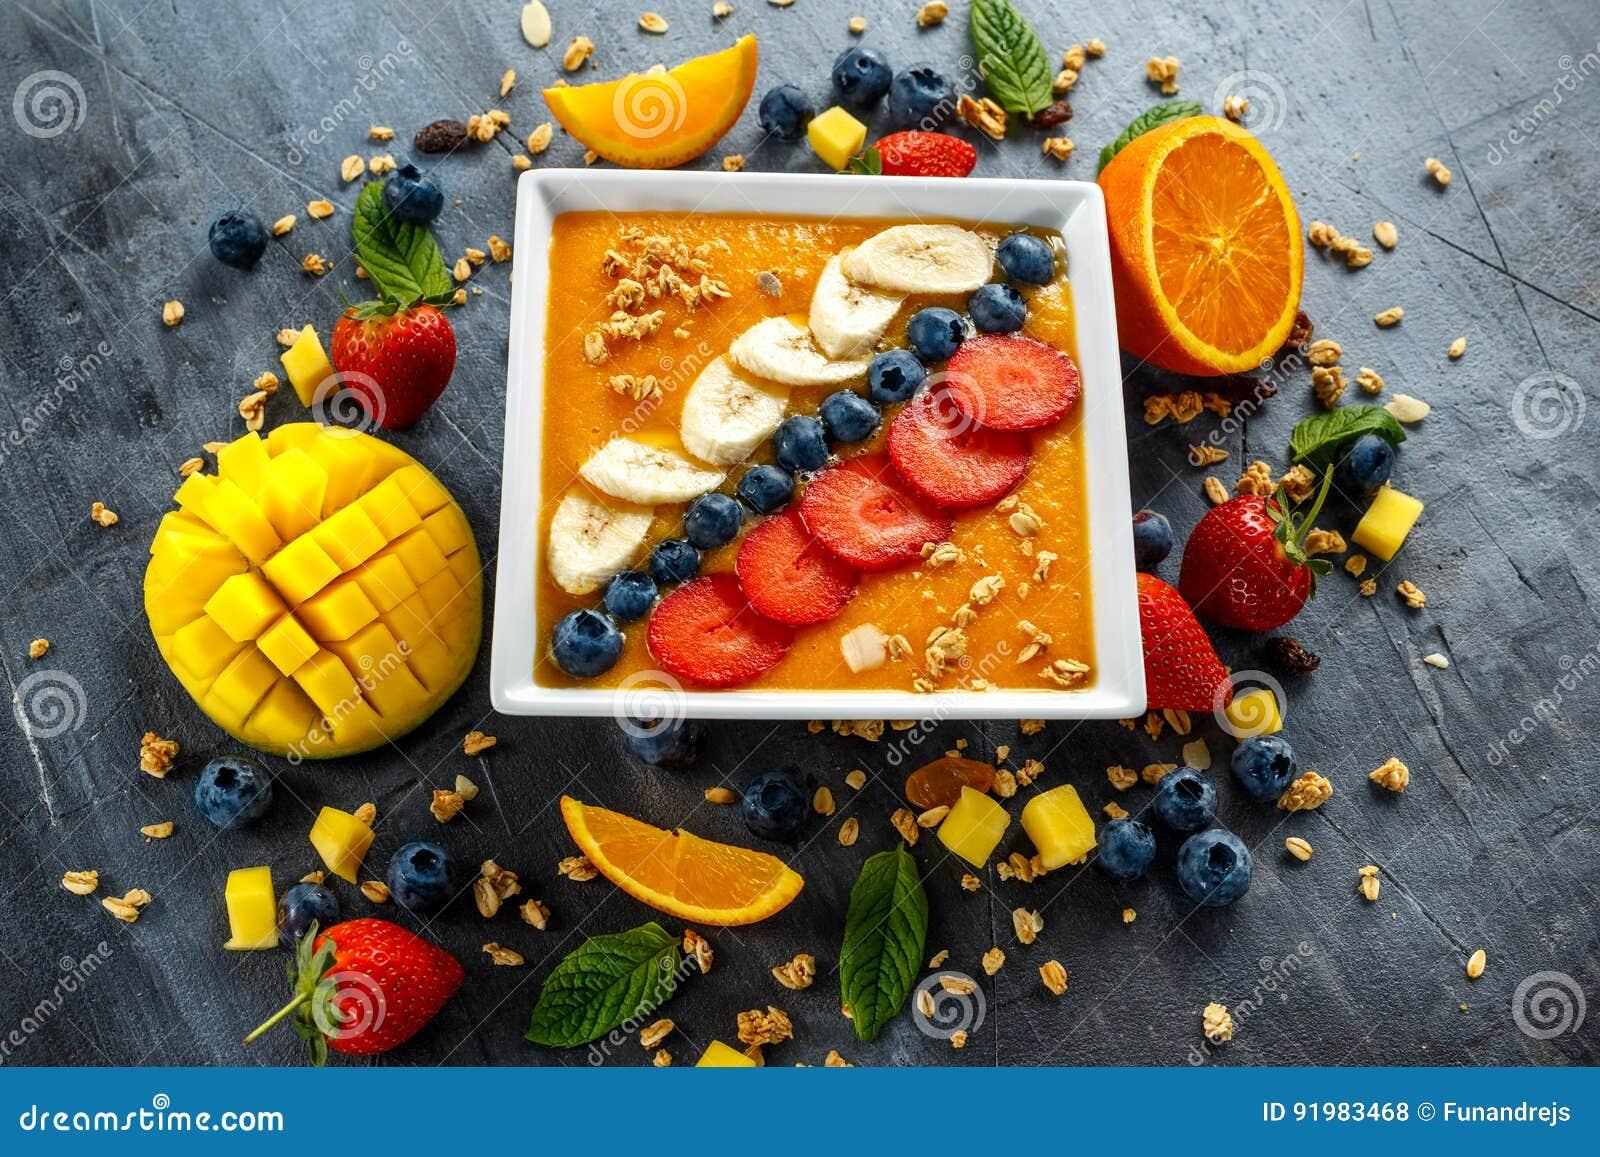 Verse Sinaasappel smoothie in kom voor ontbijt met bosbessen, granola, mango, aardbei en banaan